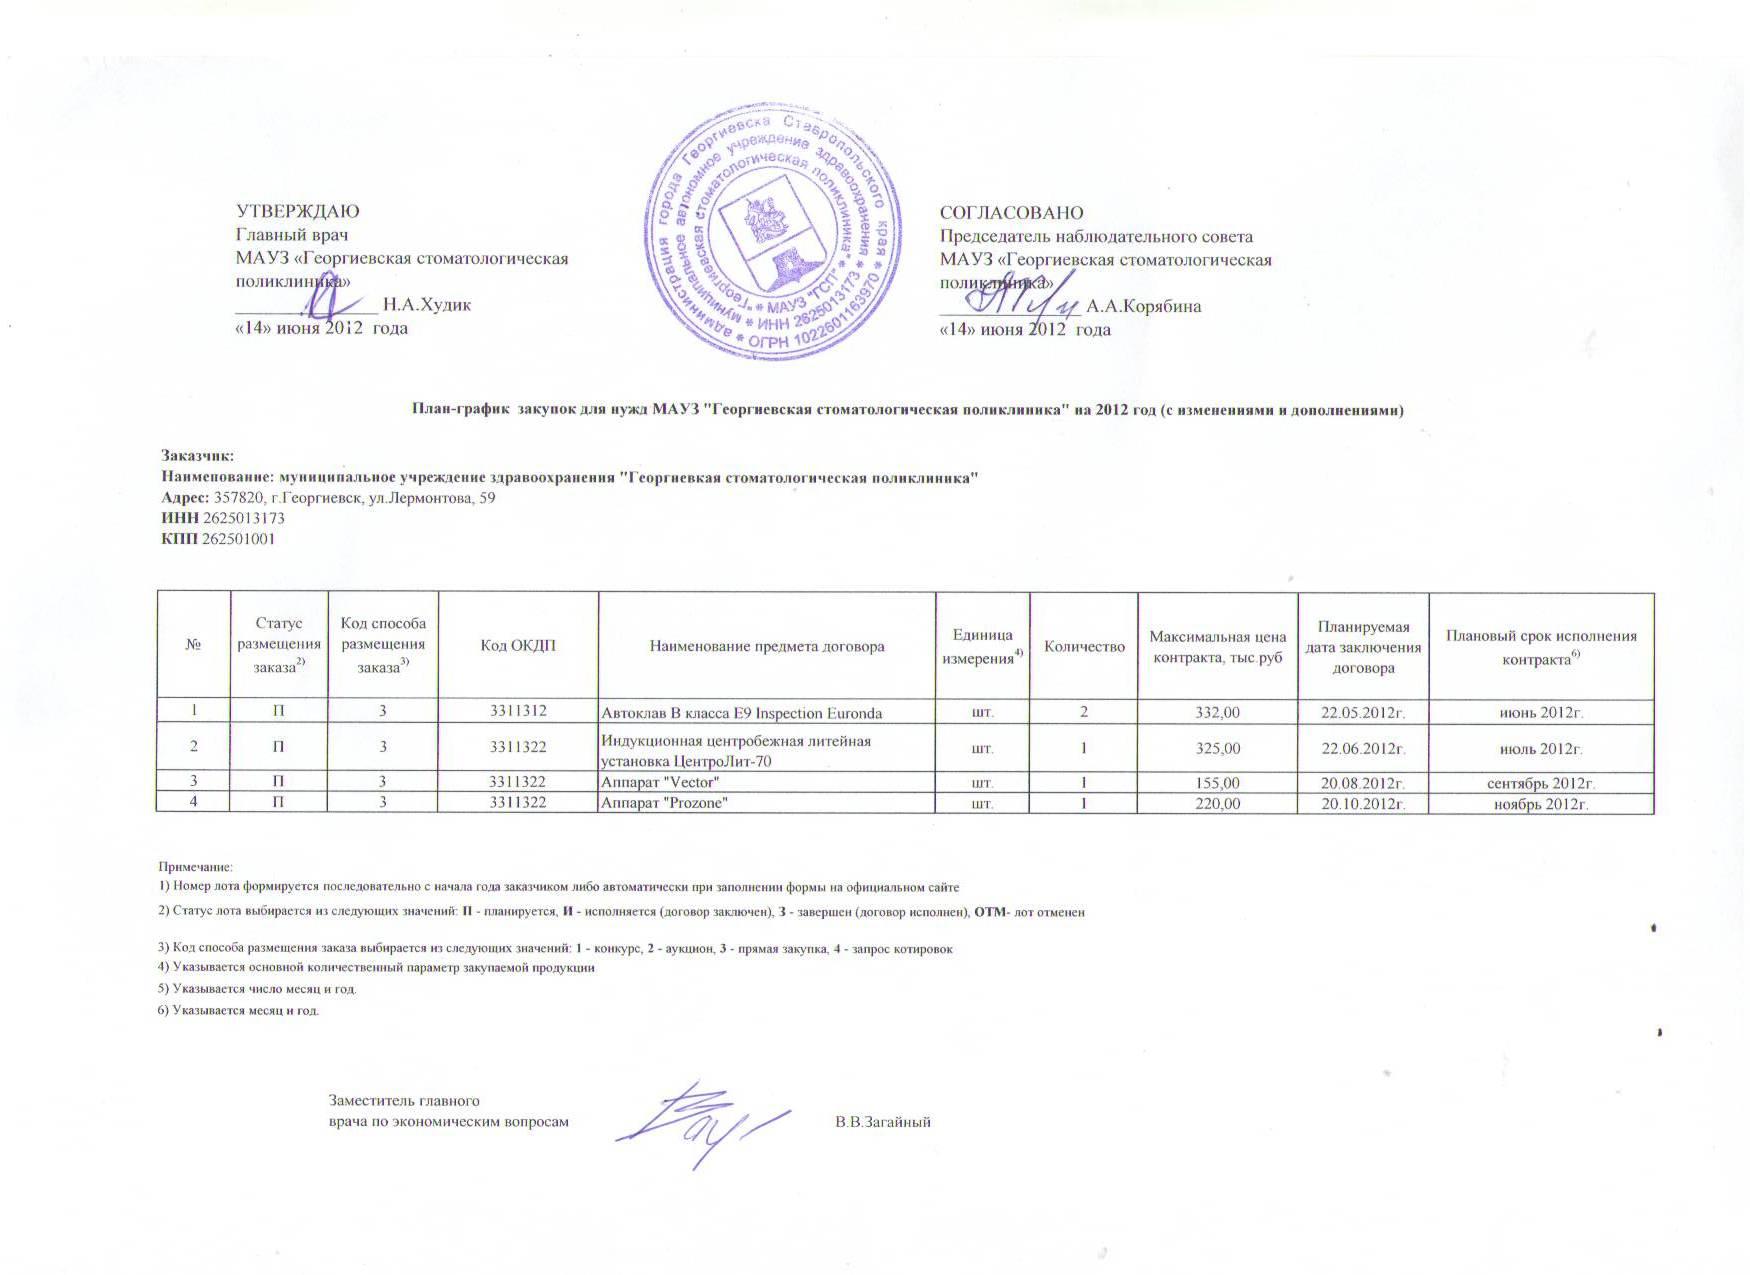 Высоковская поликлиника запись на прием к врачу